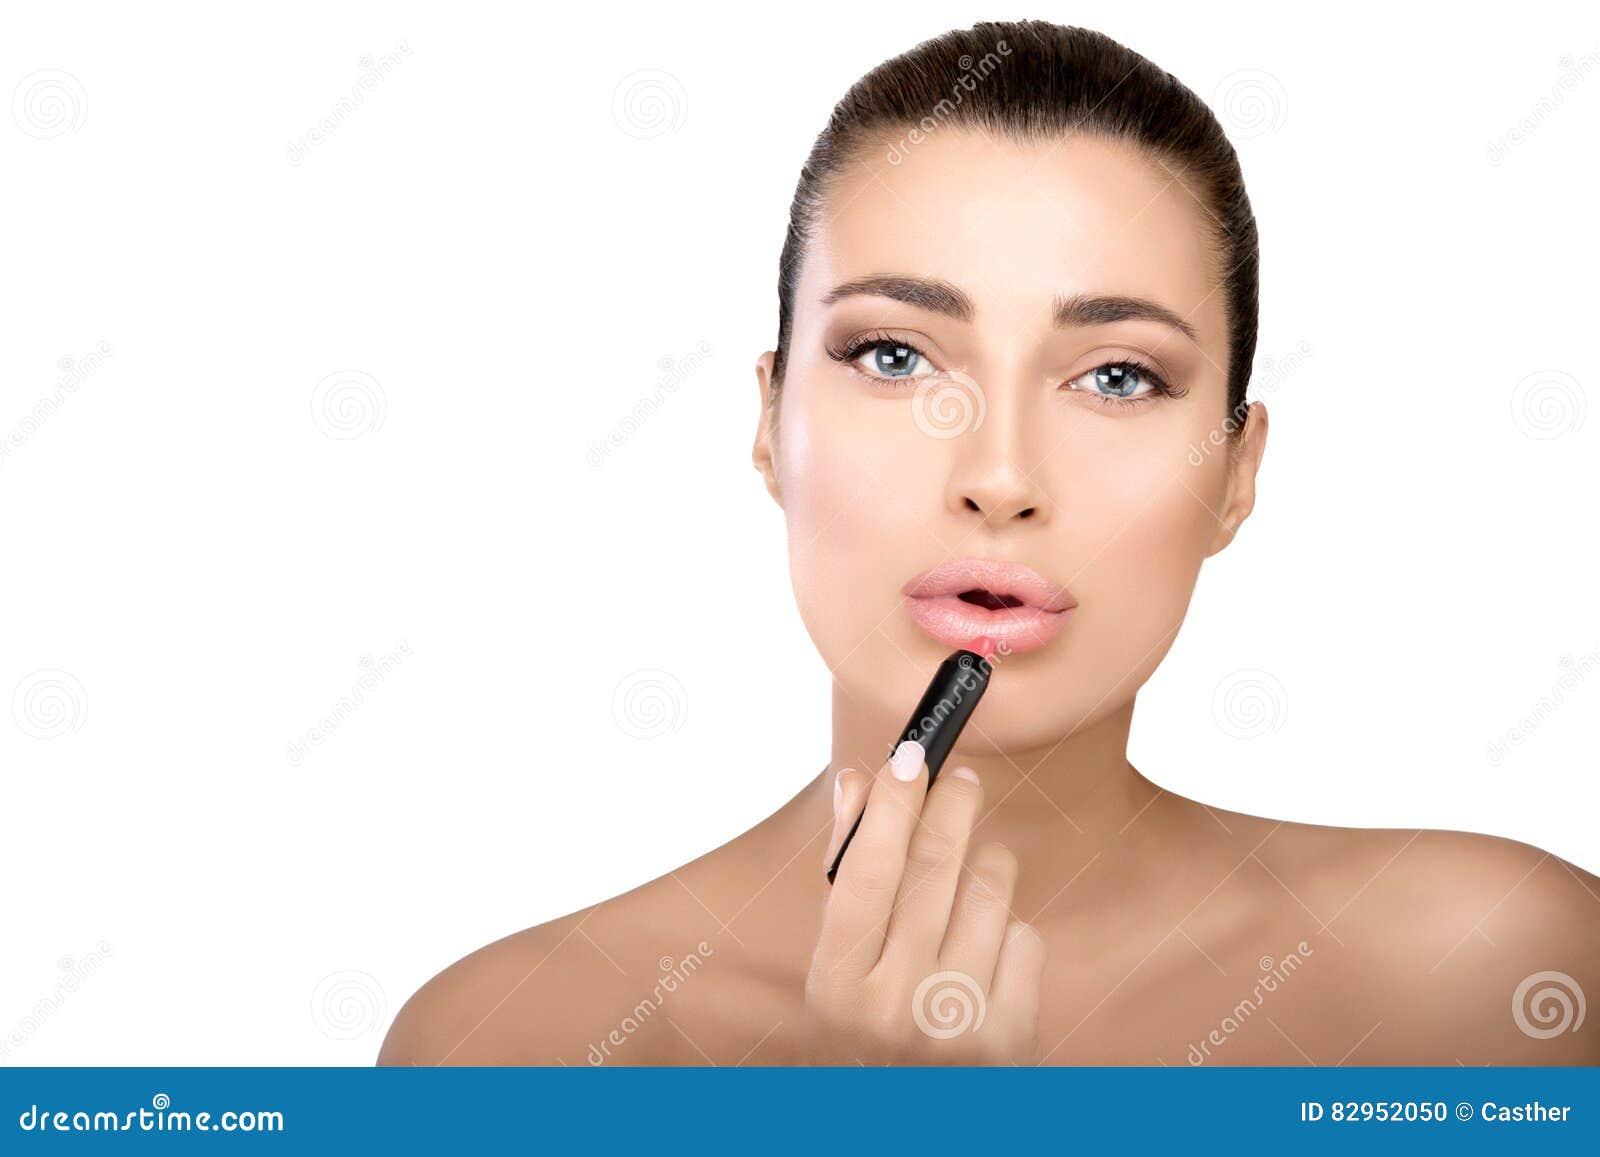 Lápiz Labial De Aplicación Modelo De La Belleza A Sus Labios Foto de ...